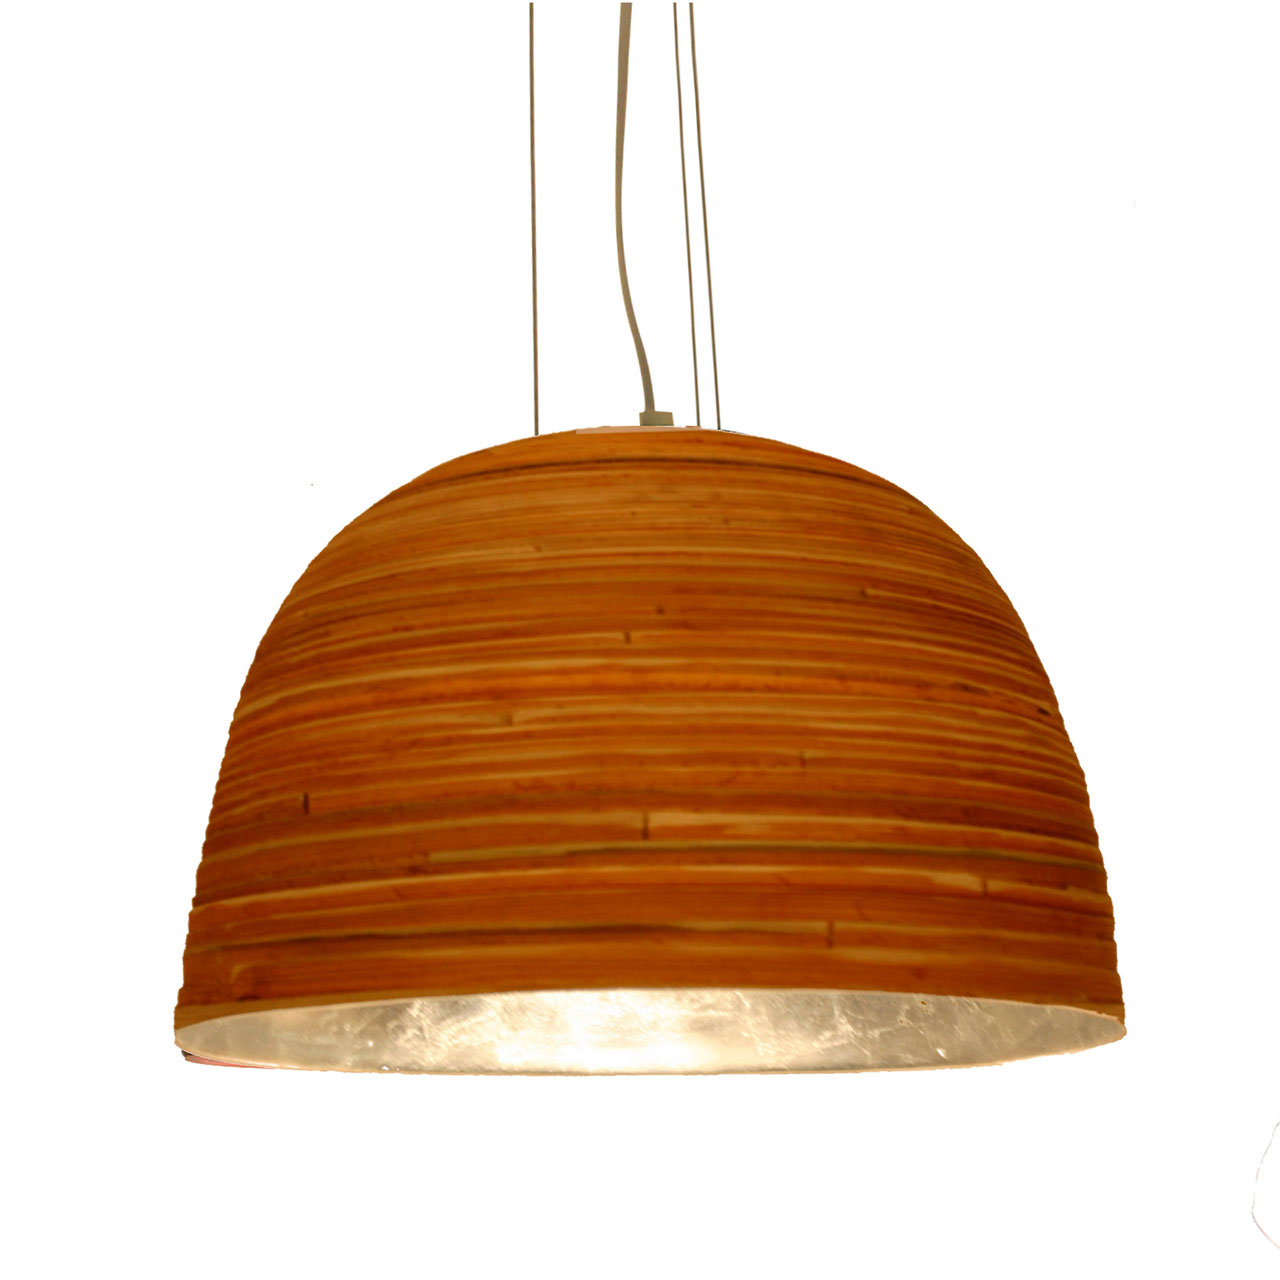 h nge deckenleuchten besondere lampen finden sie bei. Black Bedroom Furniture Sets. Home Design Ideas